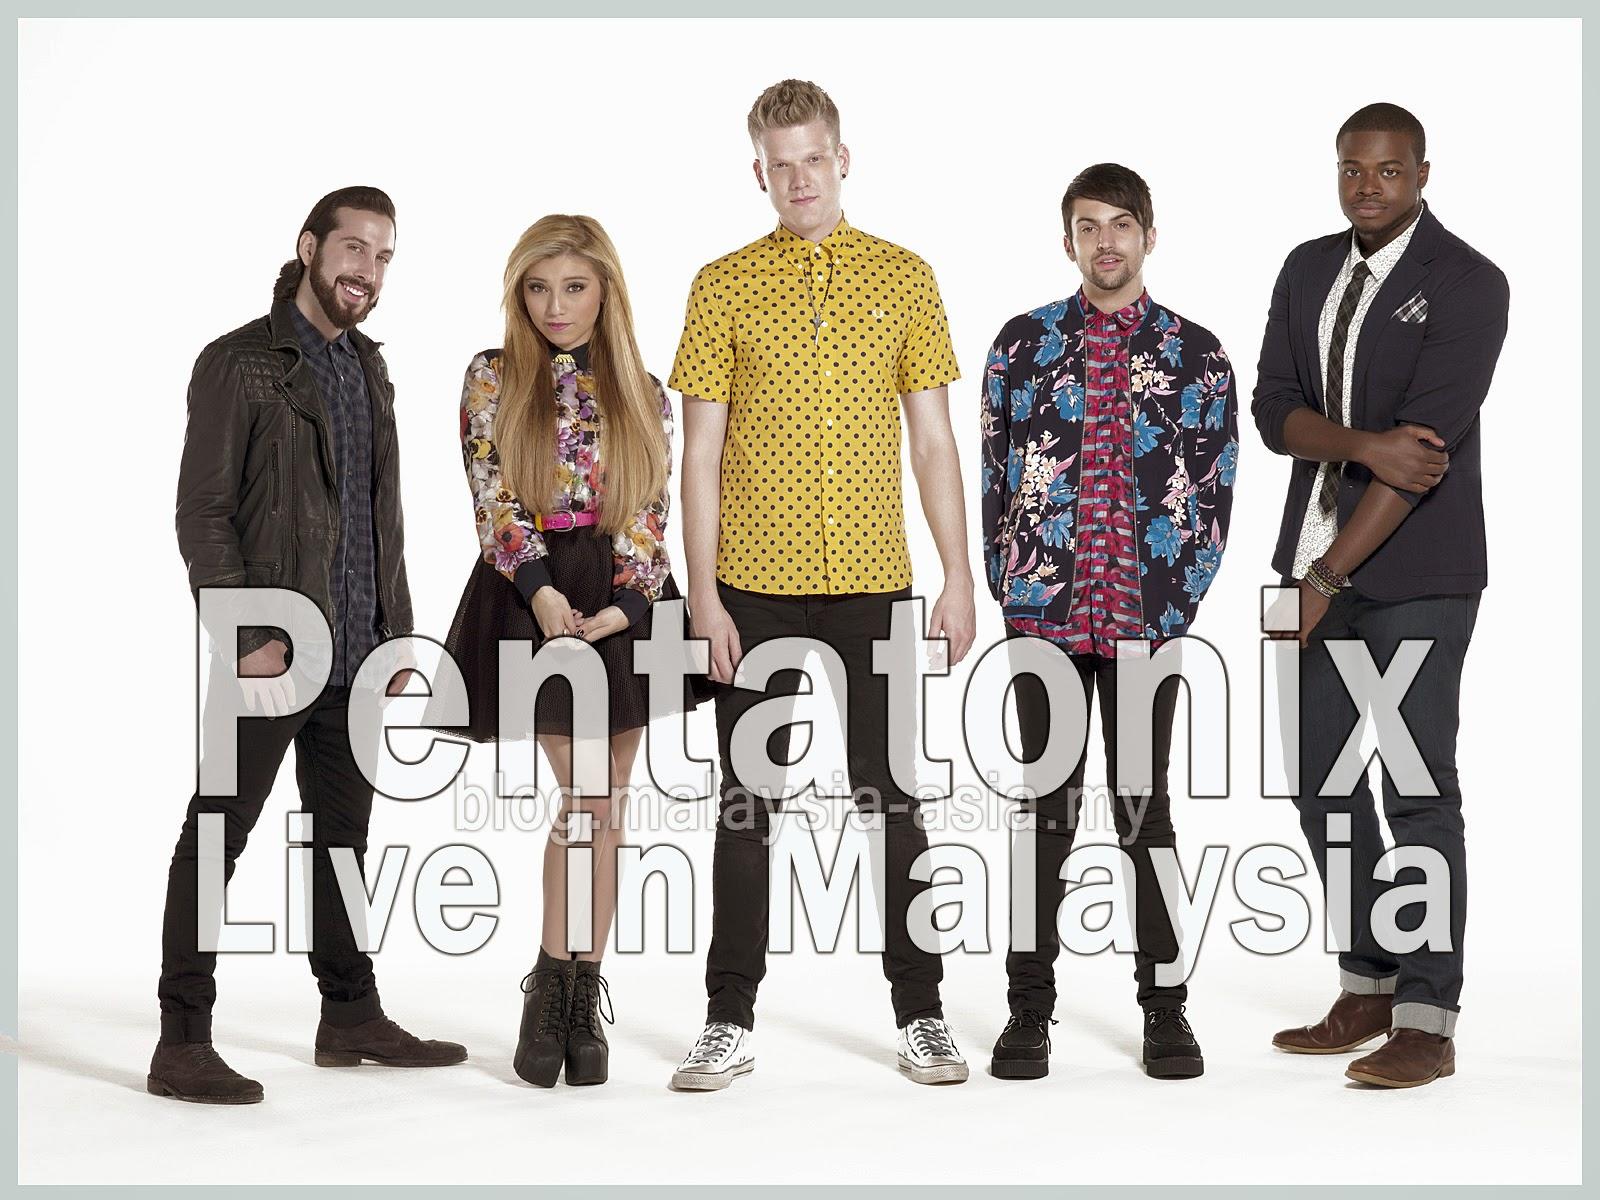 Pentatonix Live in KL Malaysia 2015